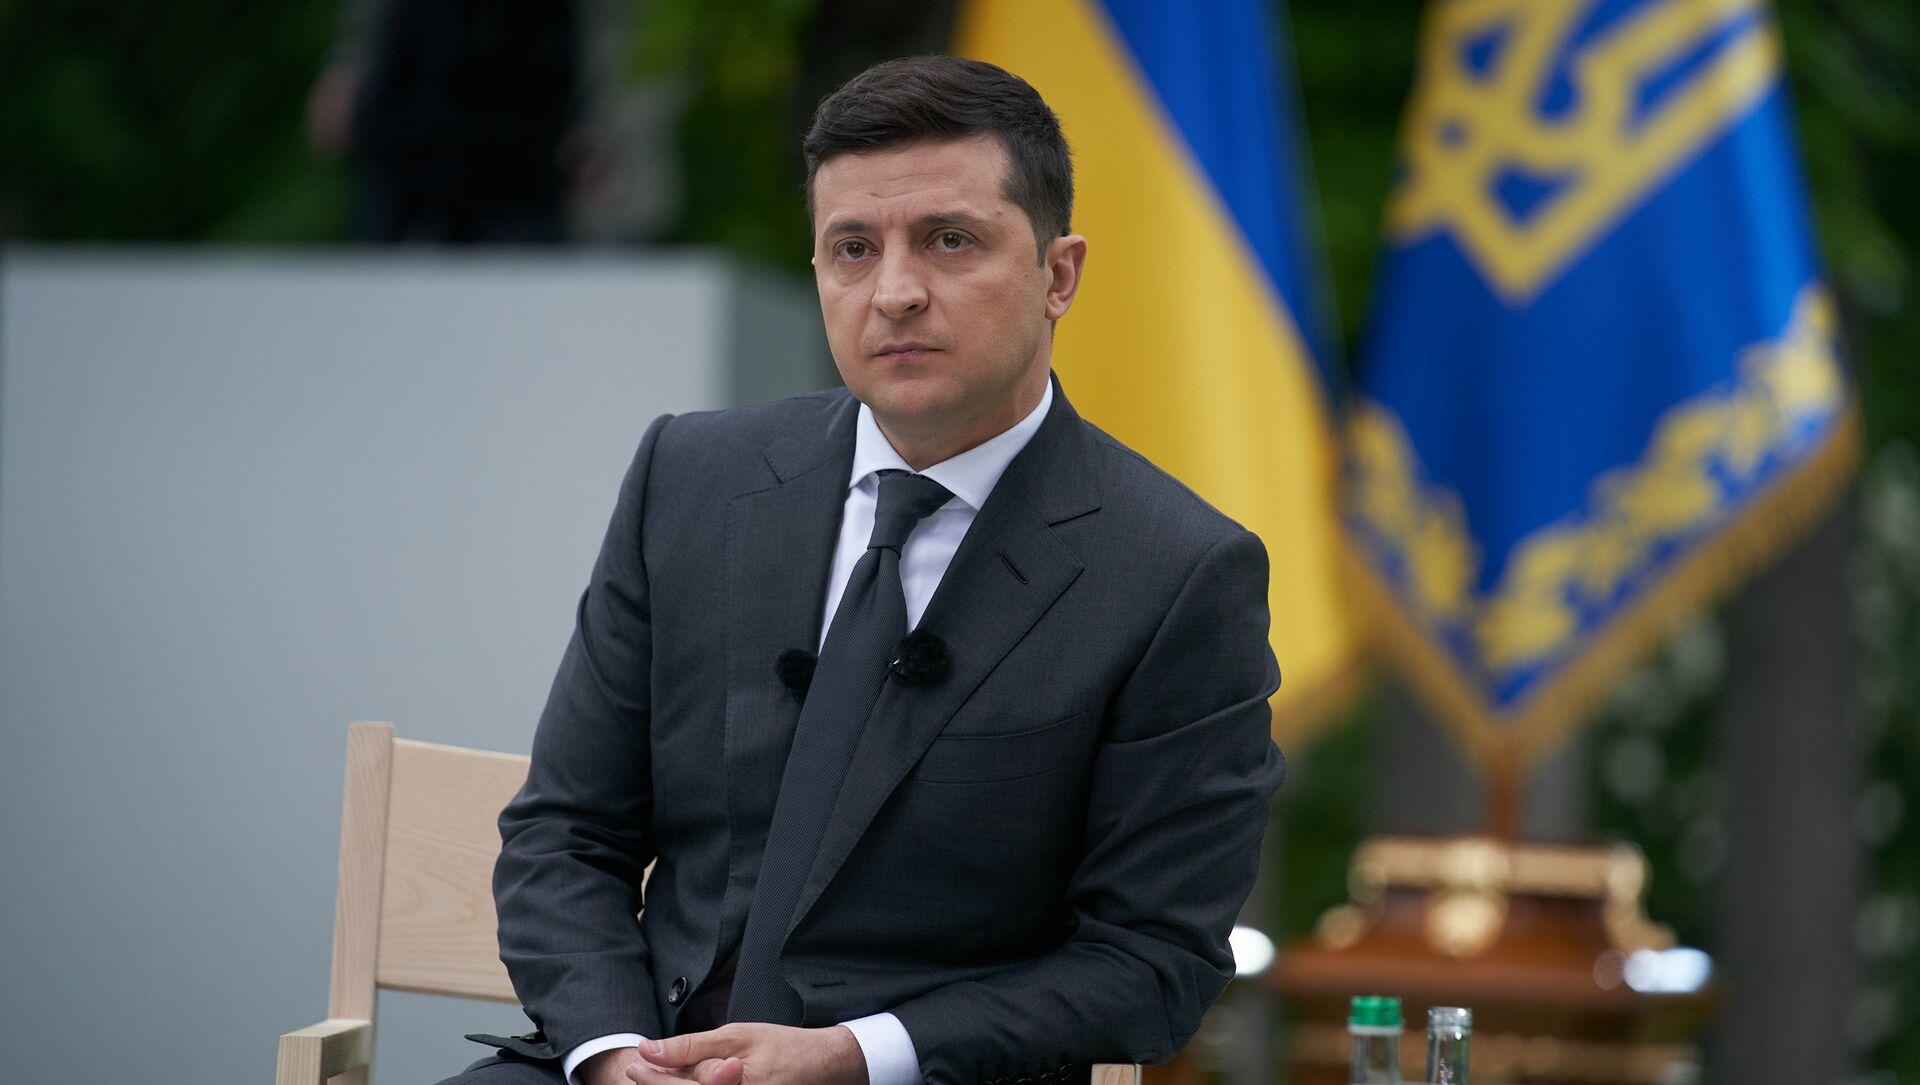 Prezydent Ukrainy Wołodymyr Zełeński. - Sputnik Polska, 1920, 07.04.2021